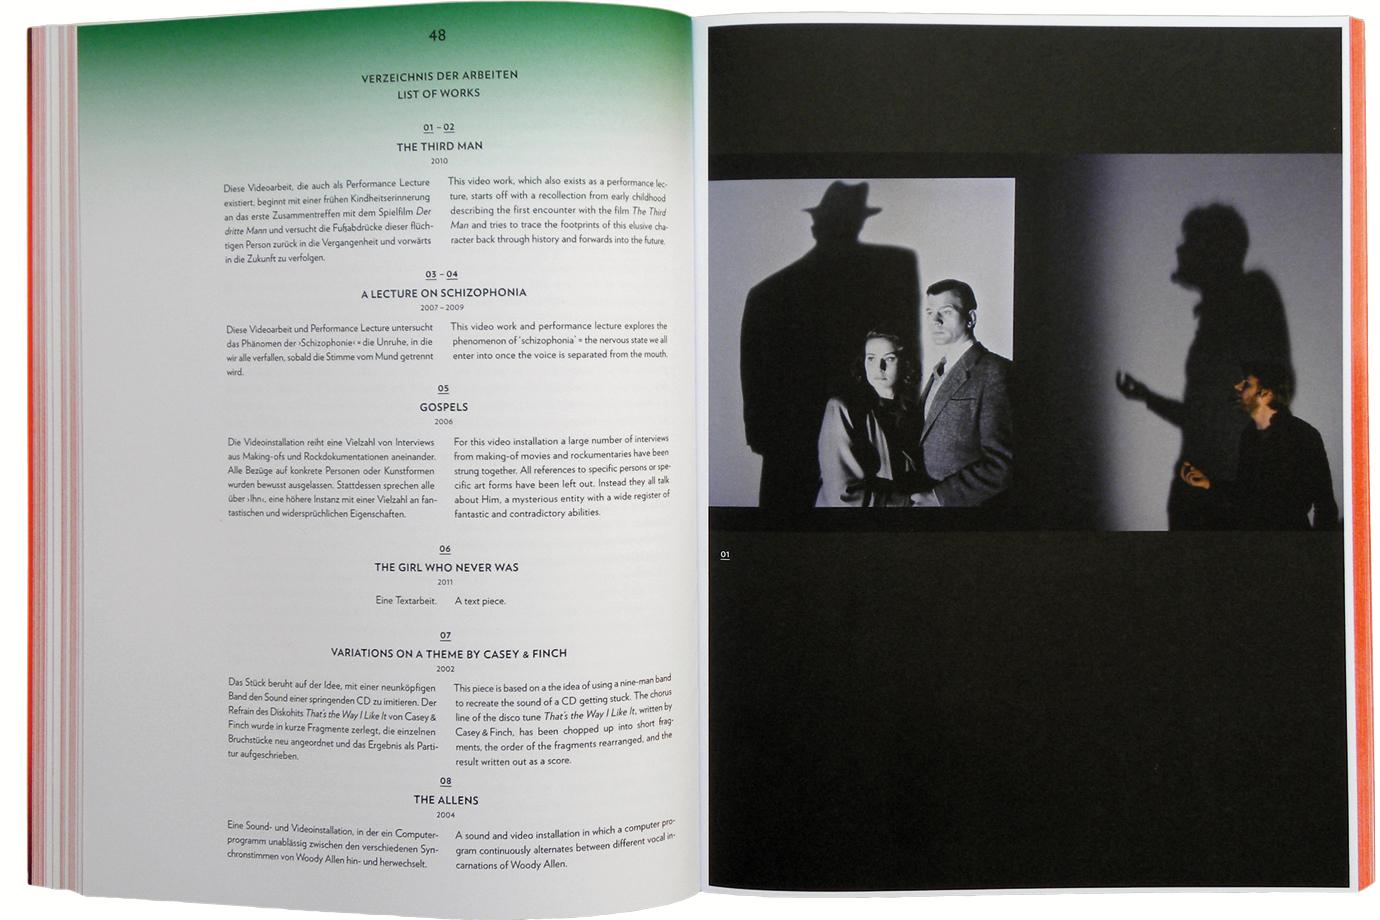 http://e-o-t.de/wordpress/wp-content/uploads/2017/07/eot-2011_Ars-Viva_Book_7.jpg